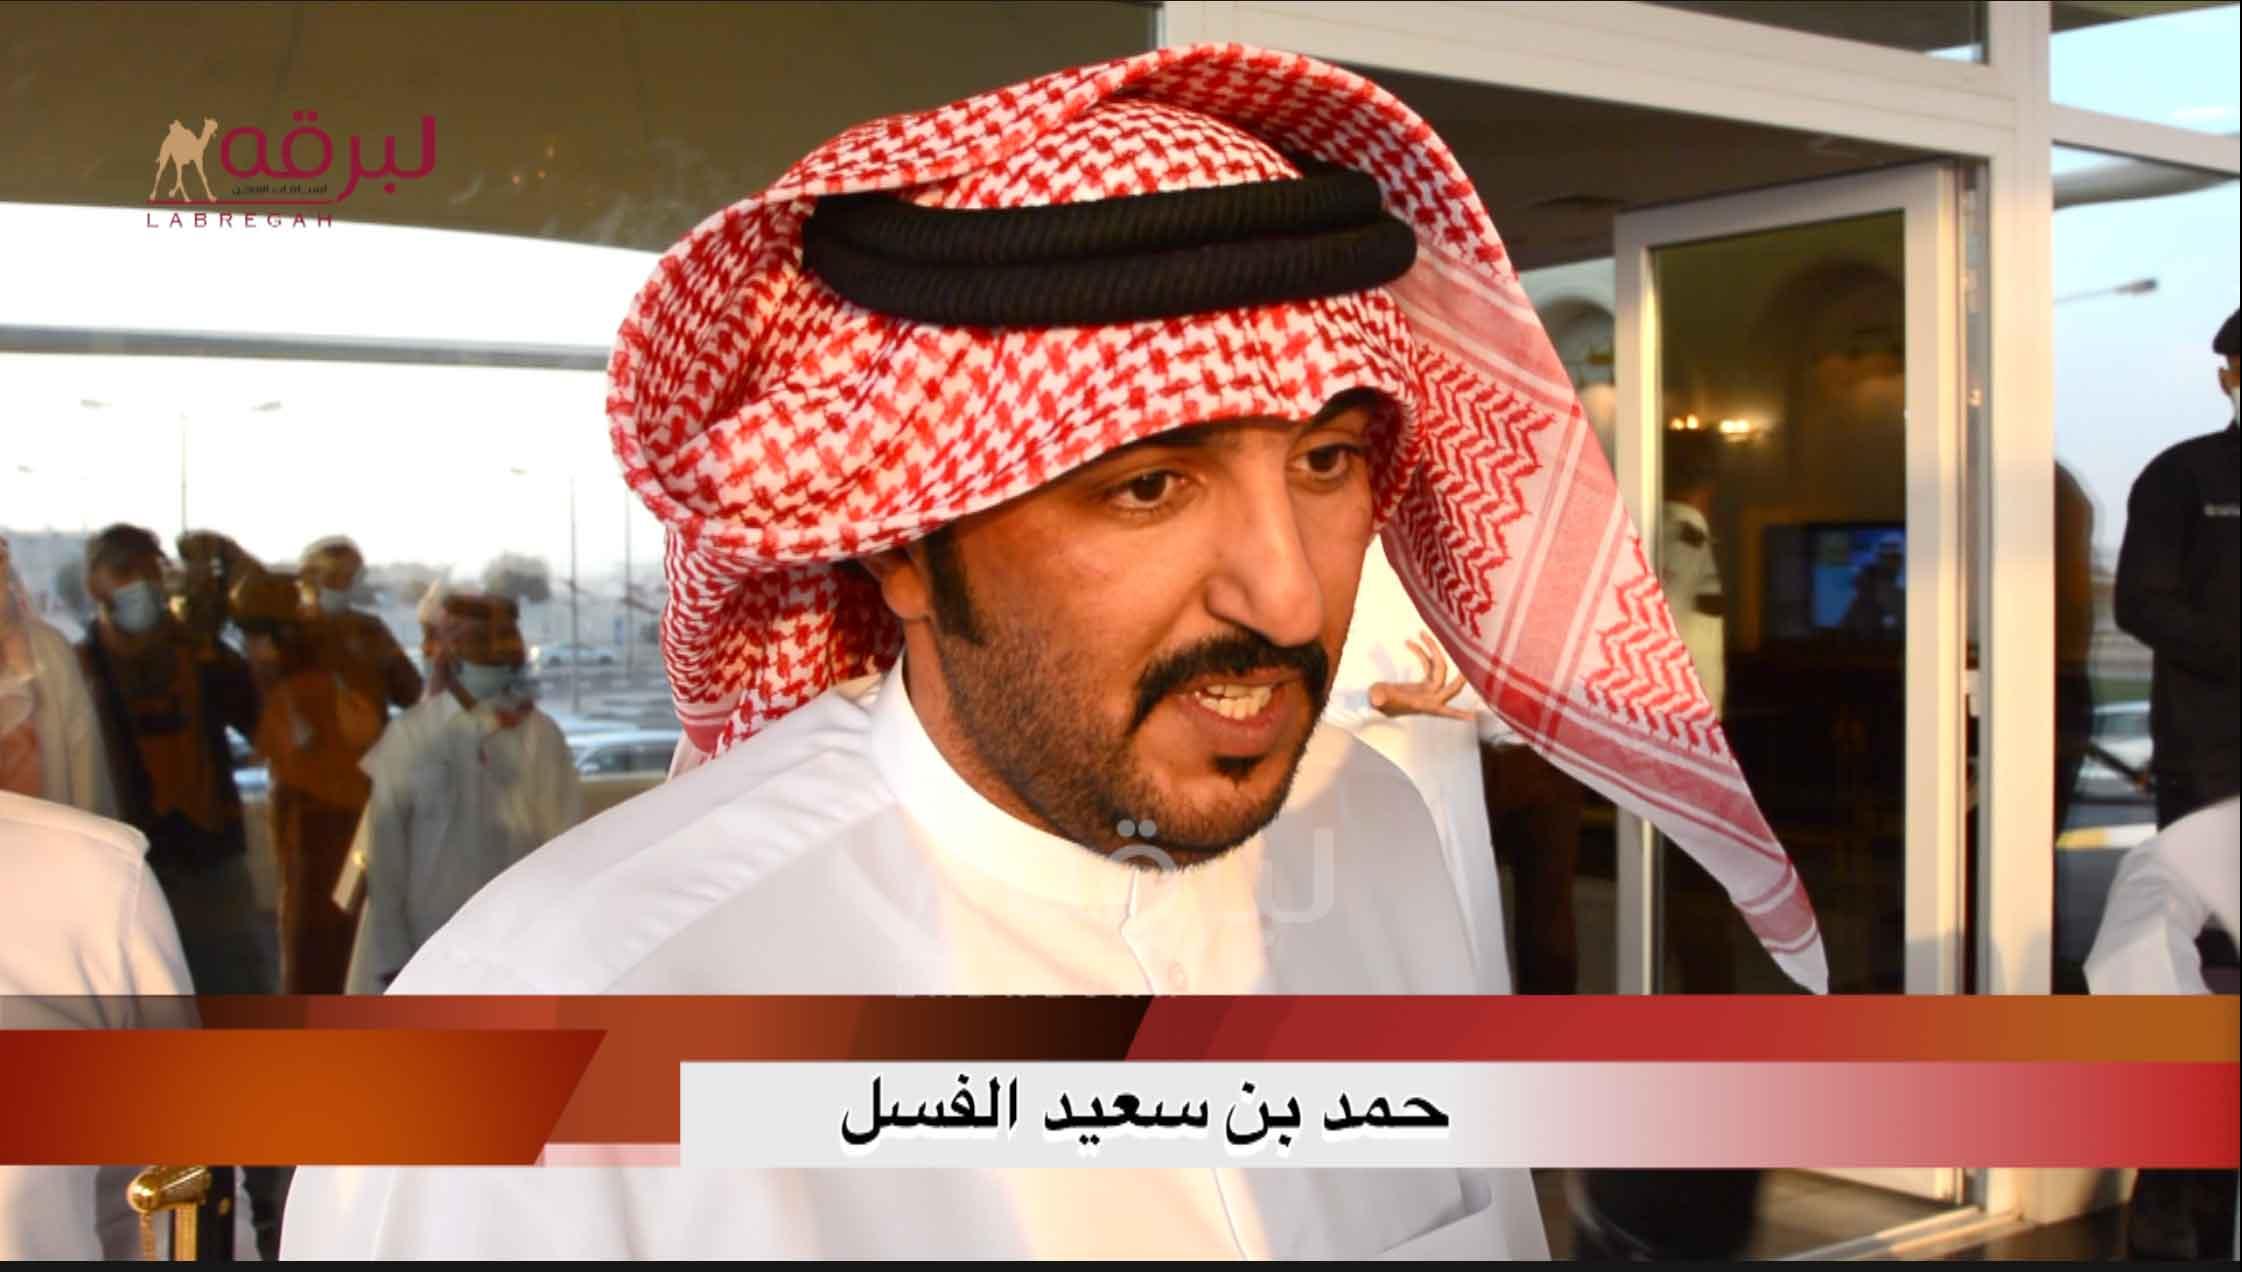 لقاء مع حمد بن سعيد الفسل.. الخنجر الفضي للزمول مفتوح أشواط عامة  ٩-١٢-٢٠٢٠